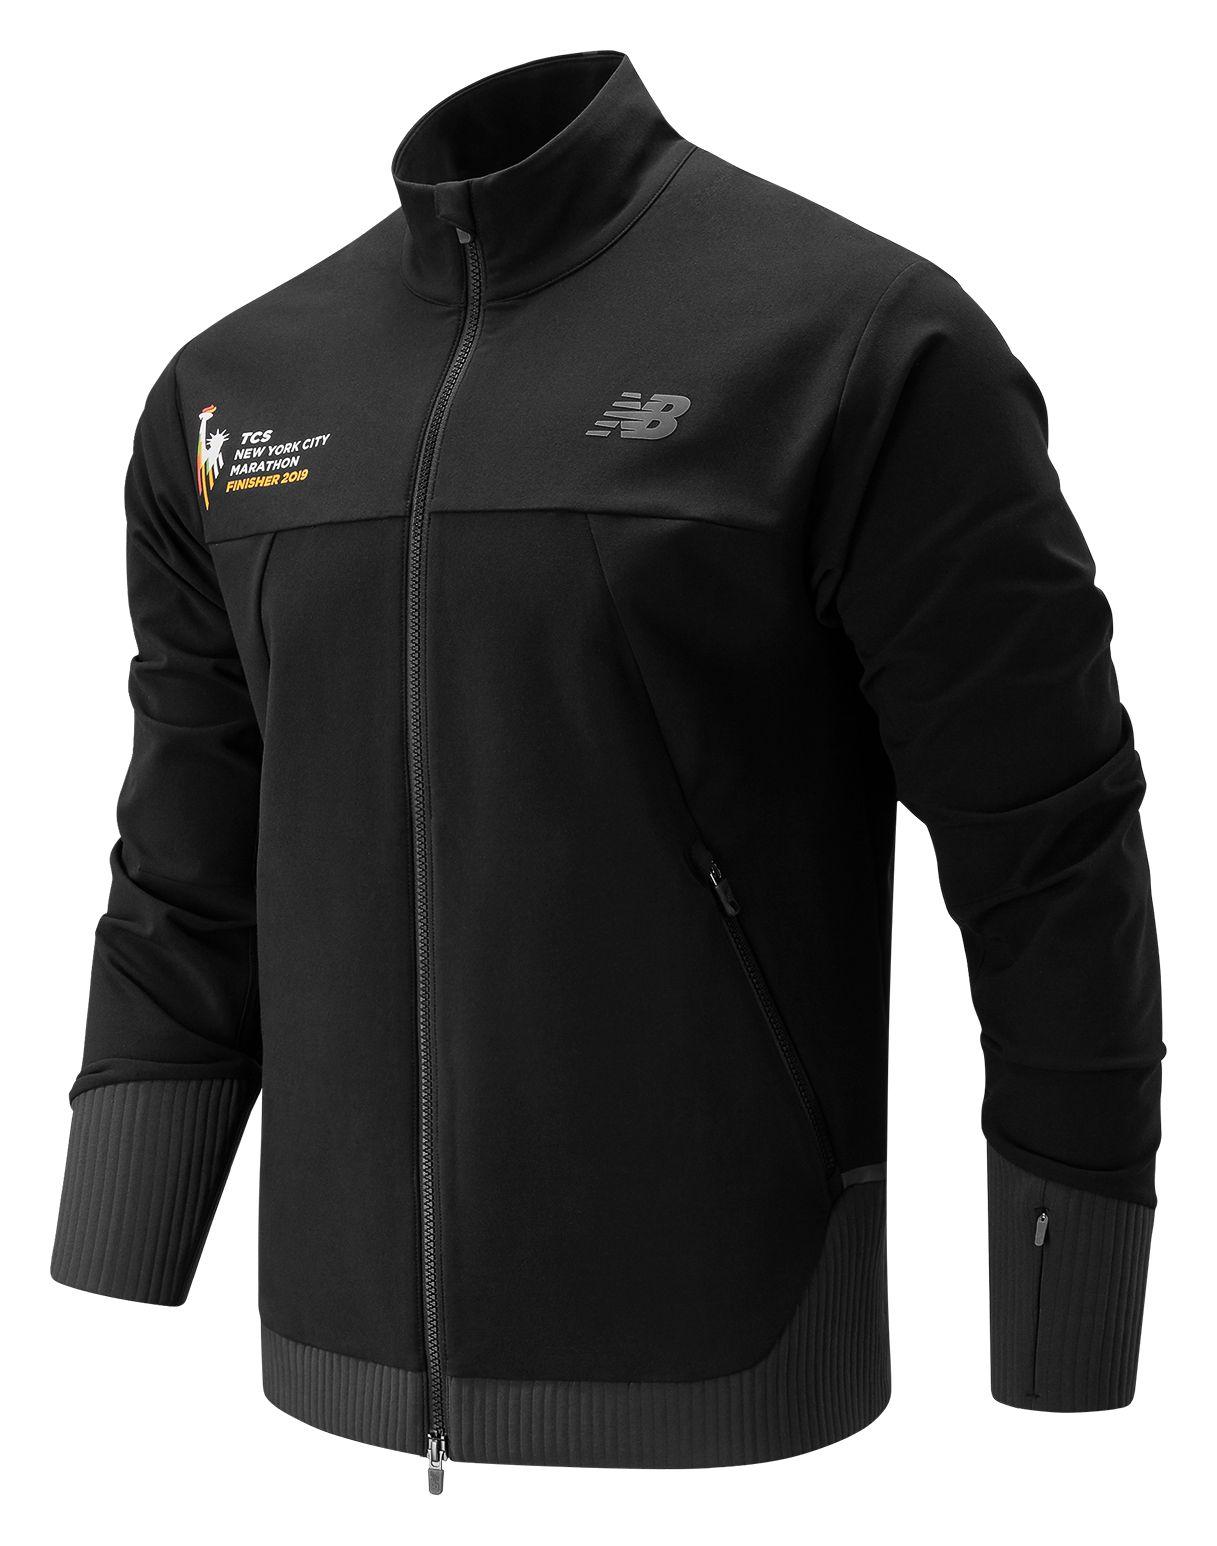 Men's 2019 NYC Marathon Q Speed Winterwatch Jacket